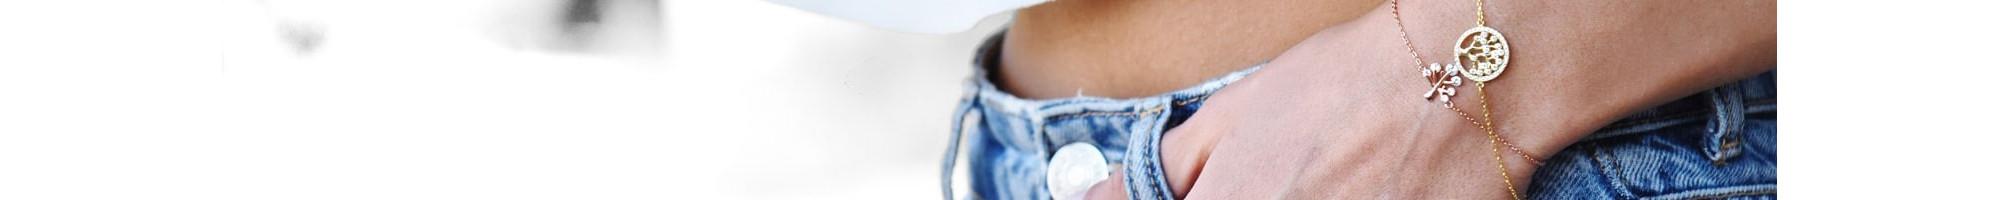 Damenarmbänder | Exklusive Designs online entdecken bei BIJOU BOX